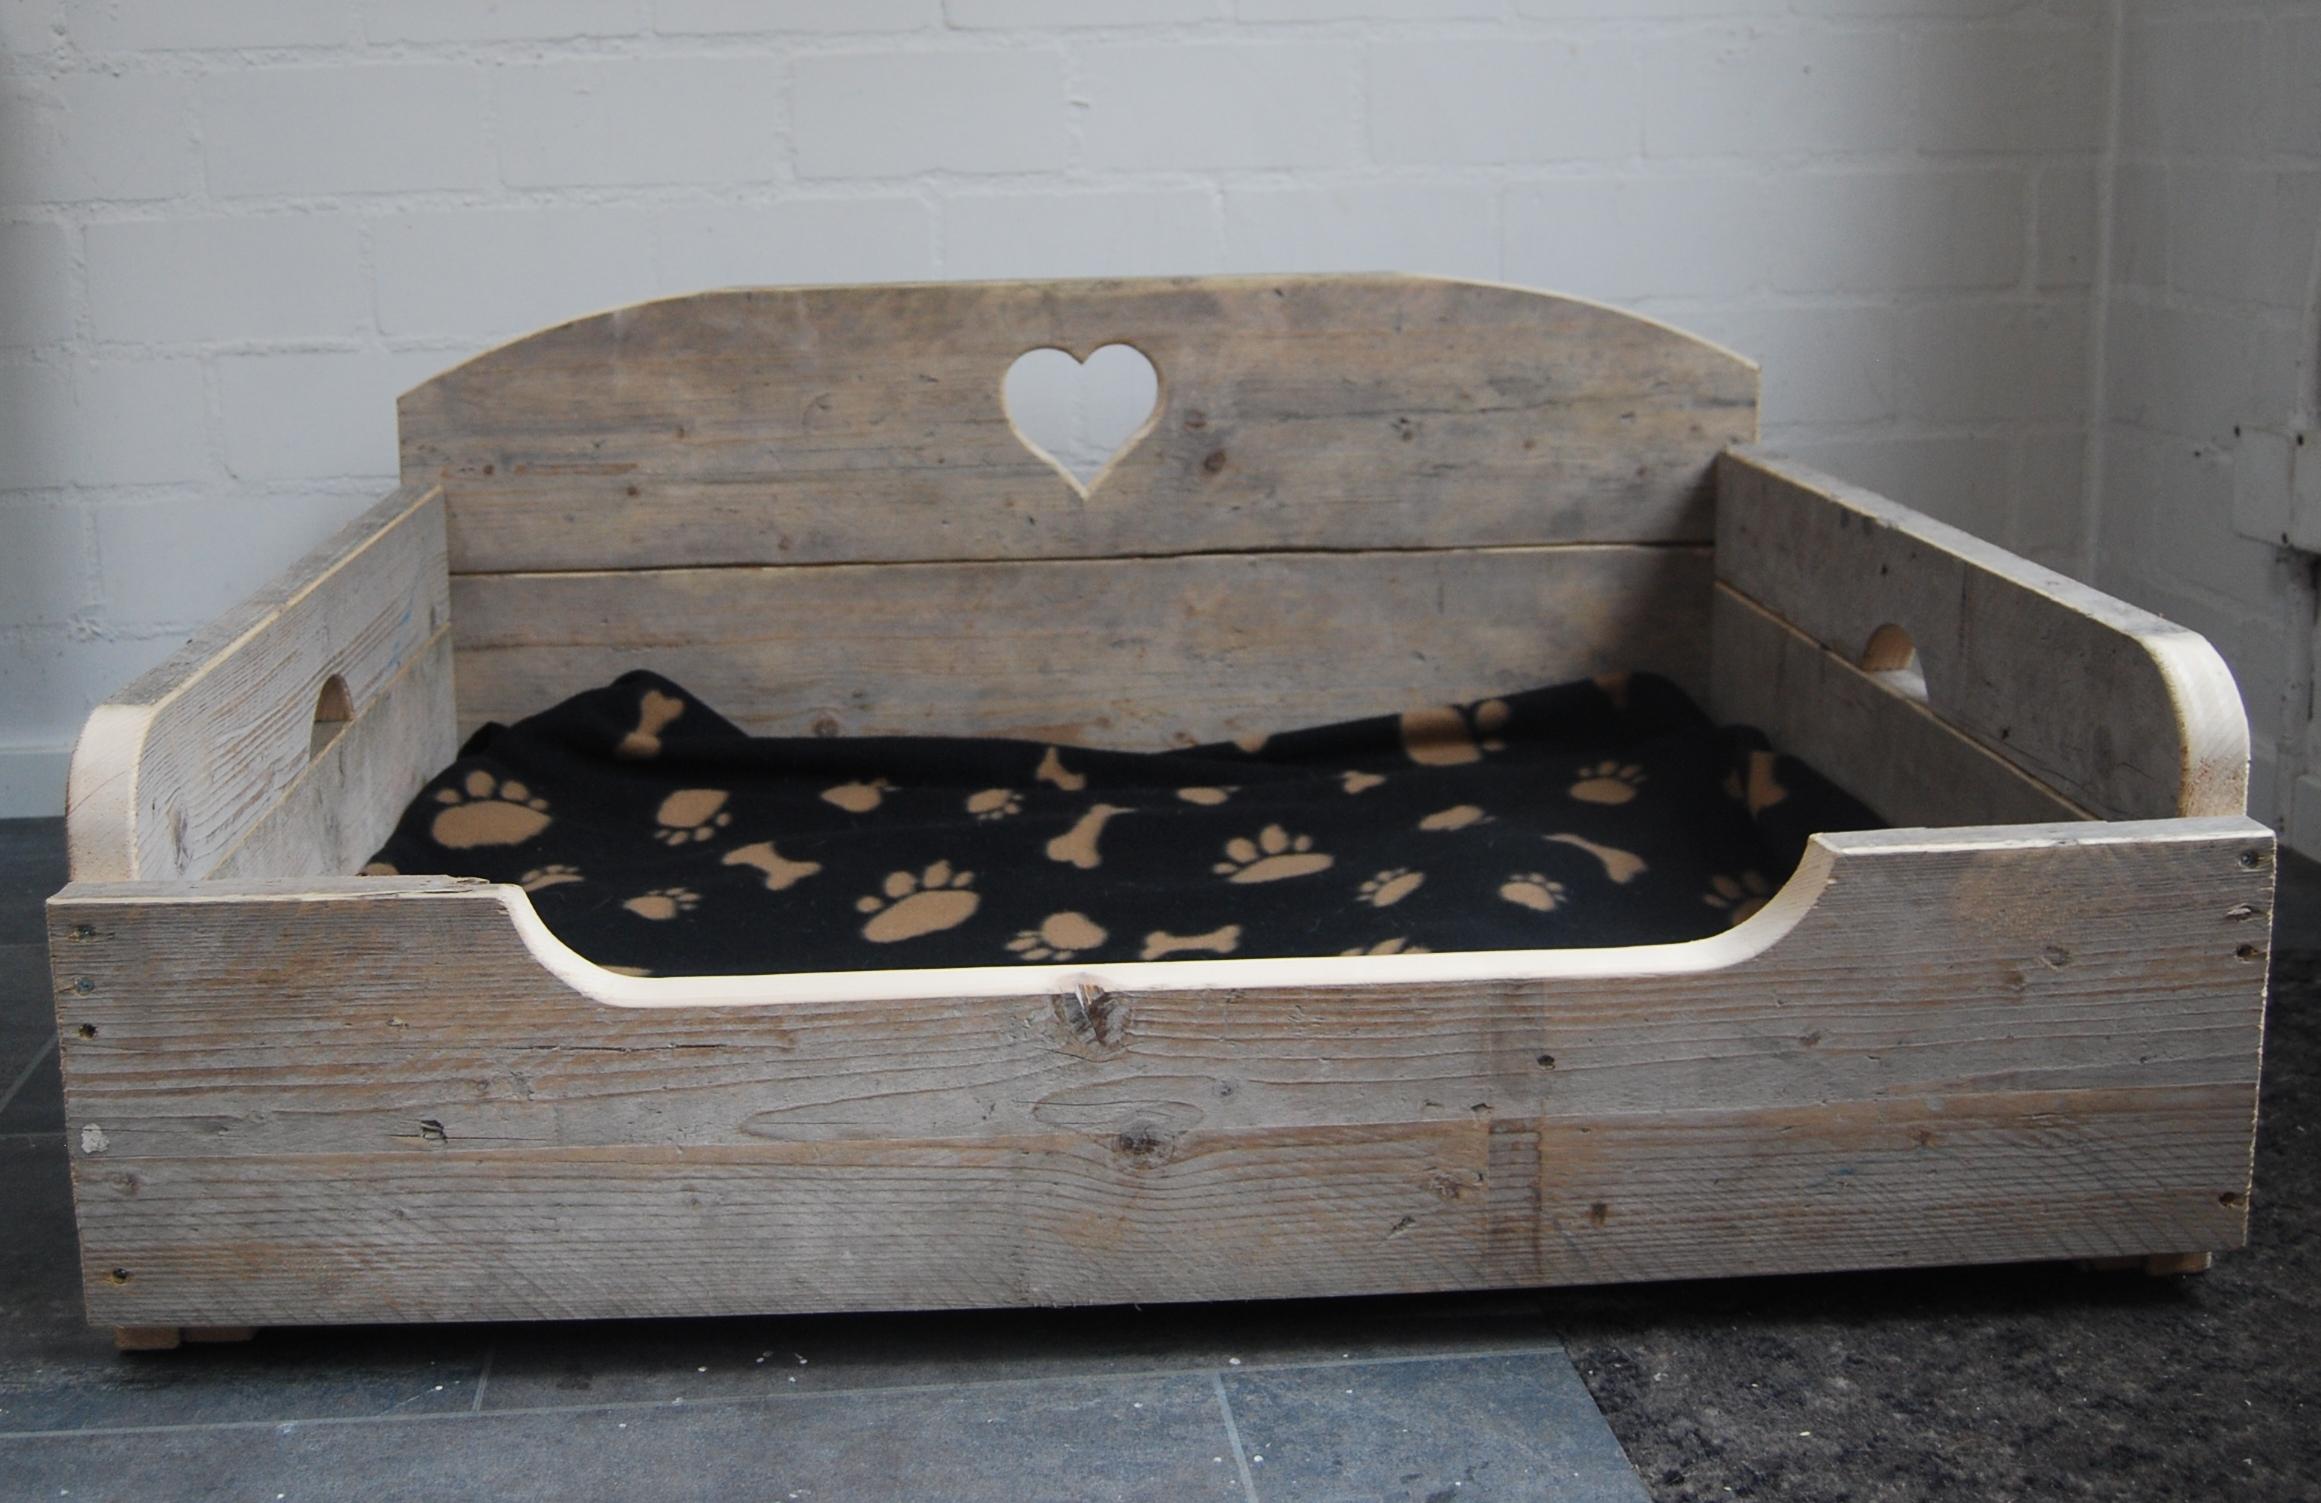 Beroemd Houten hondenbank of hondenbed op maat gemaakt van steigerplanken MW27